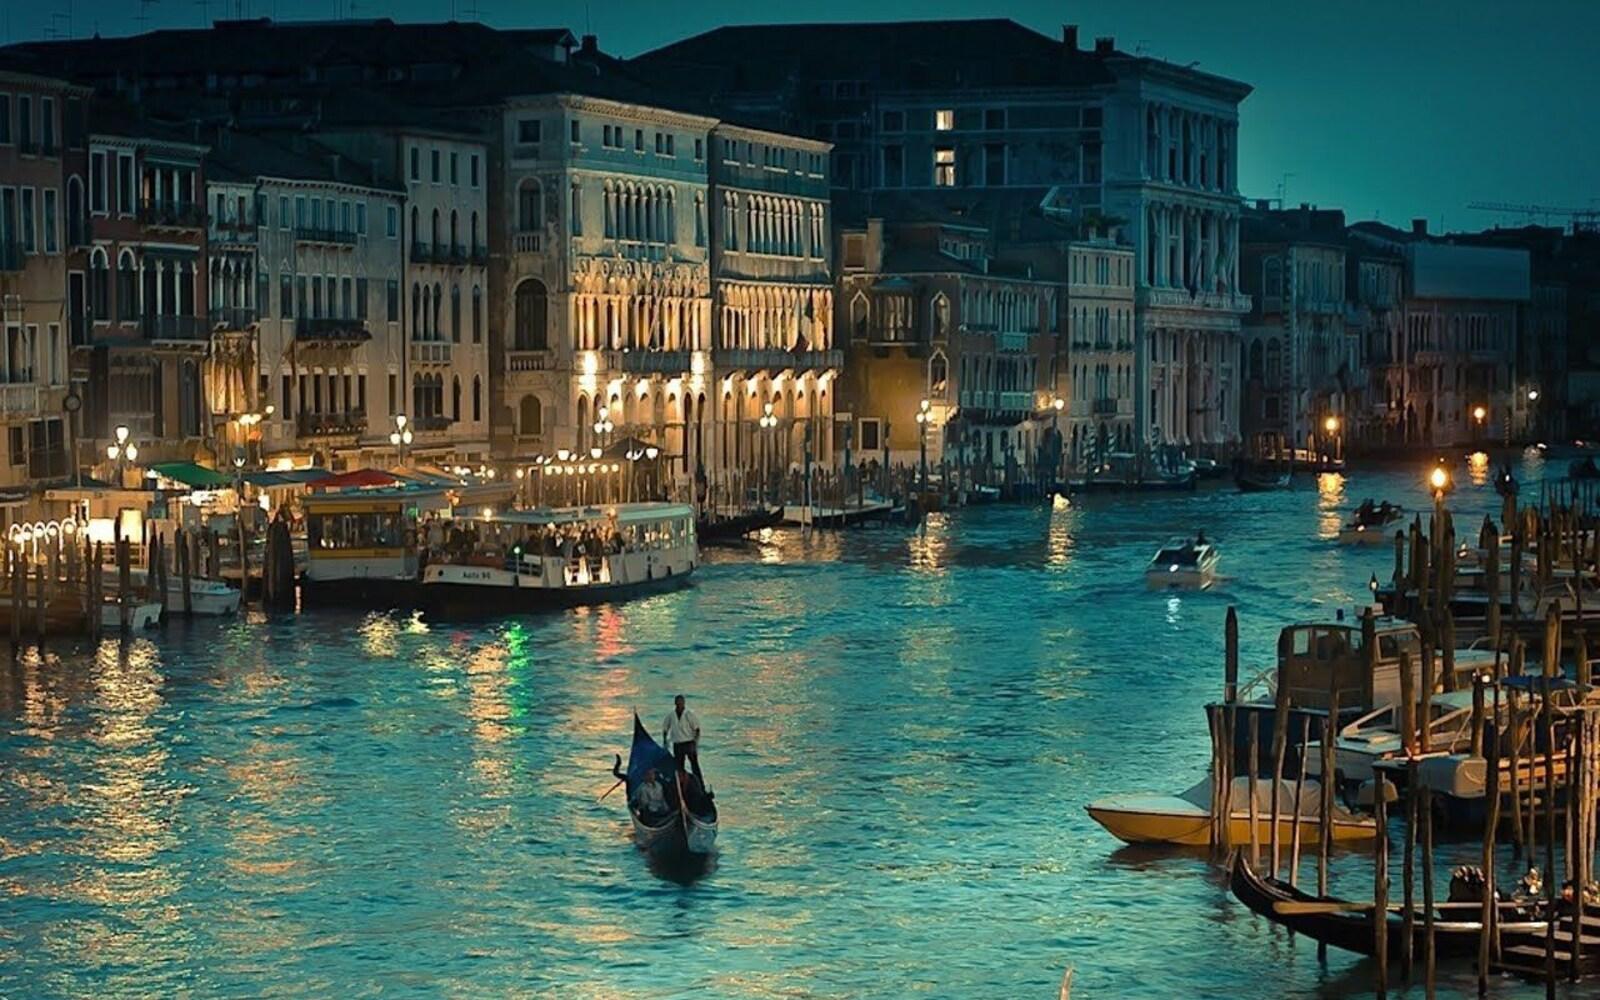 Hình ảnh thành phố Venice về đêm đẹp nhất